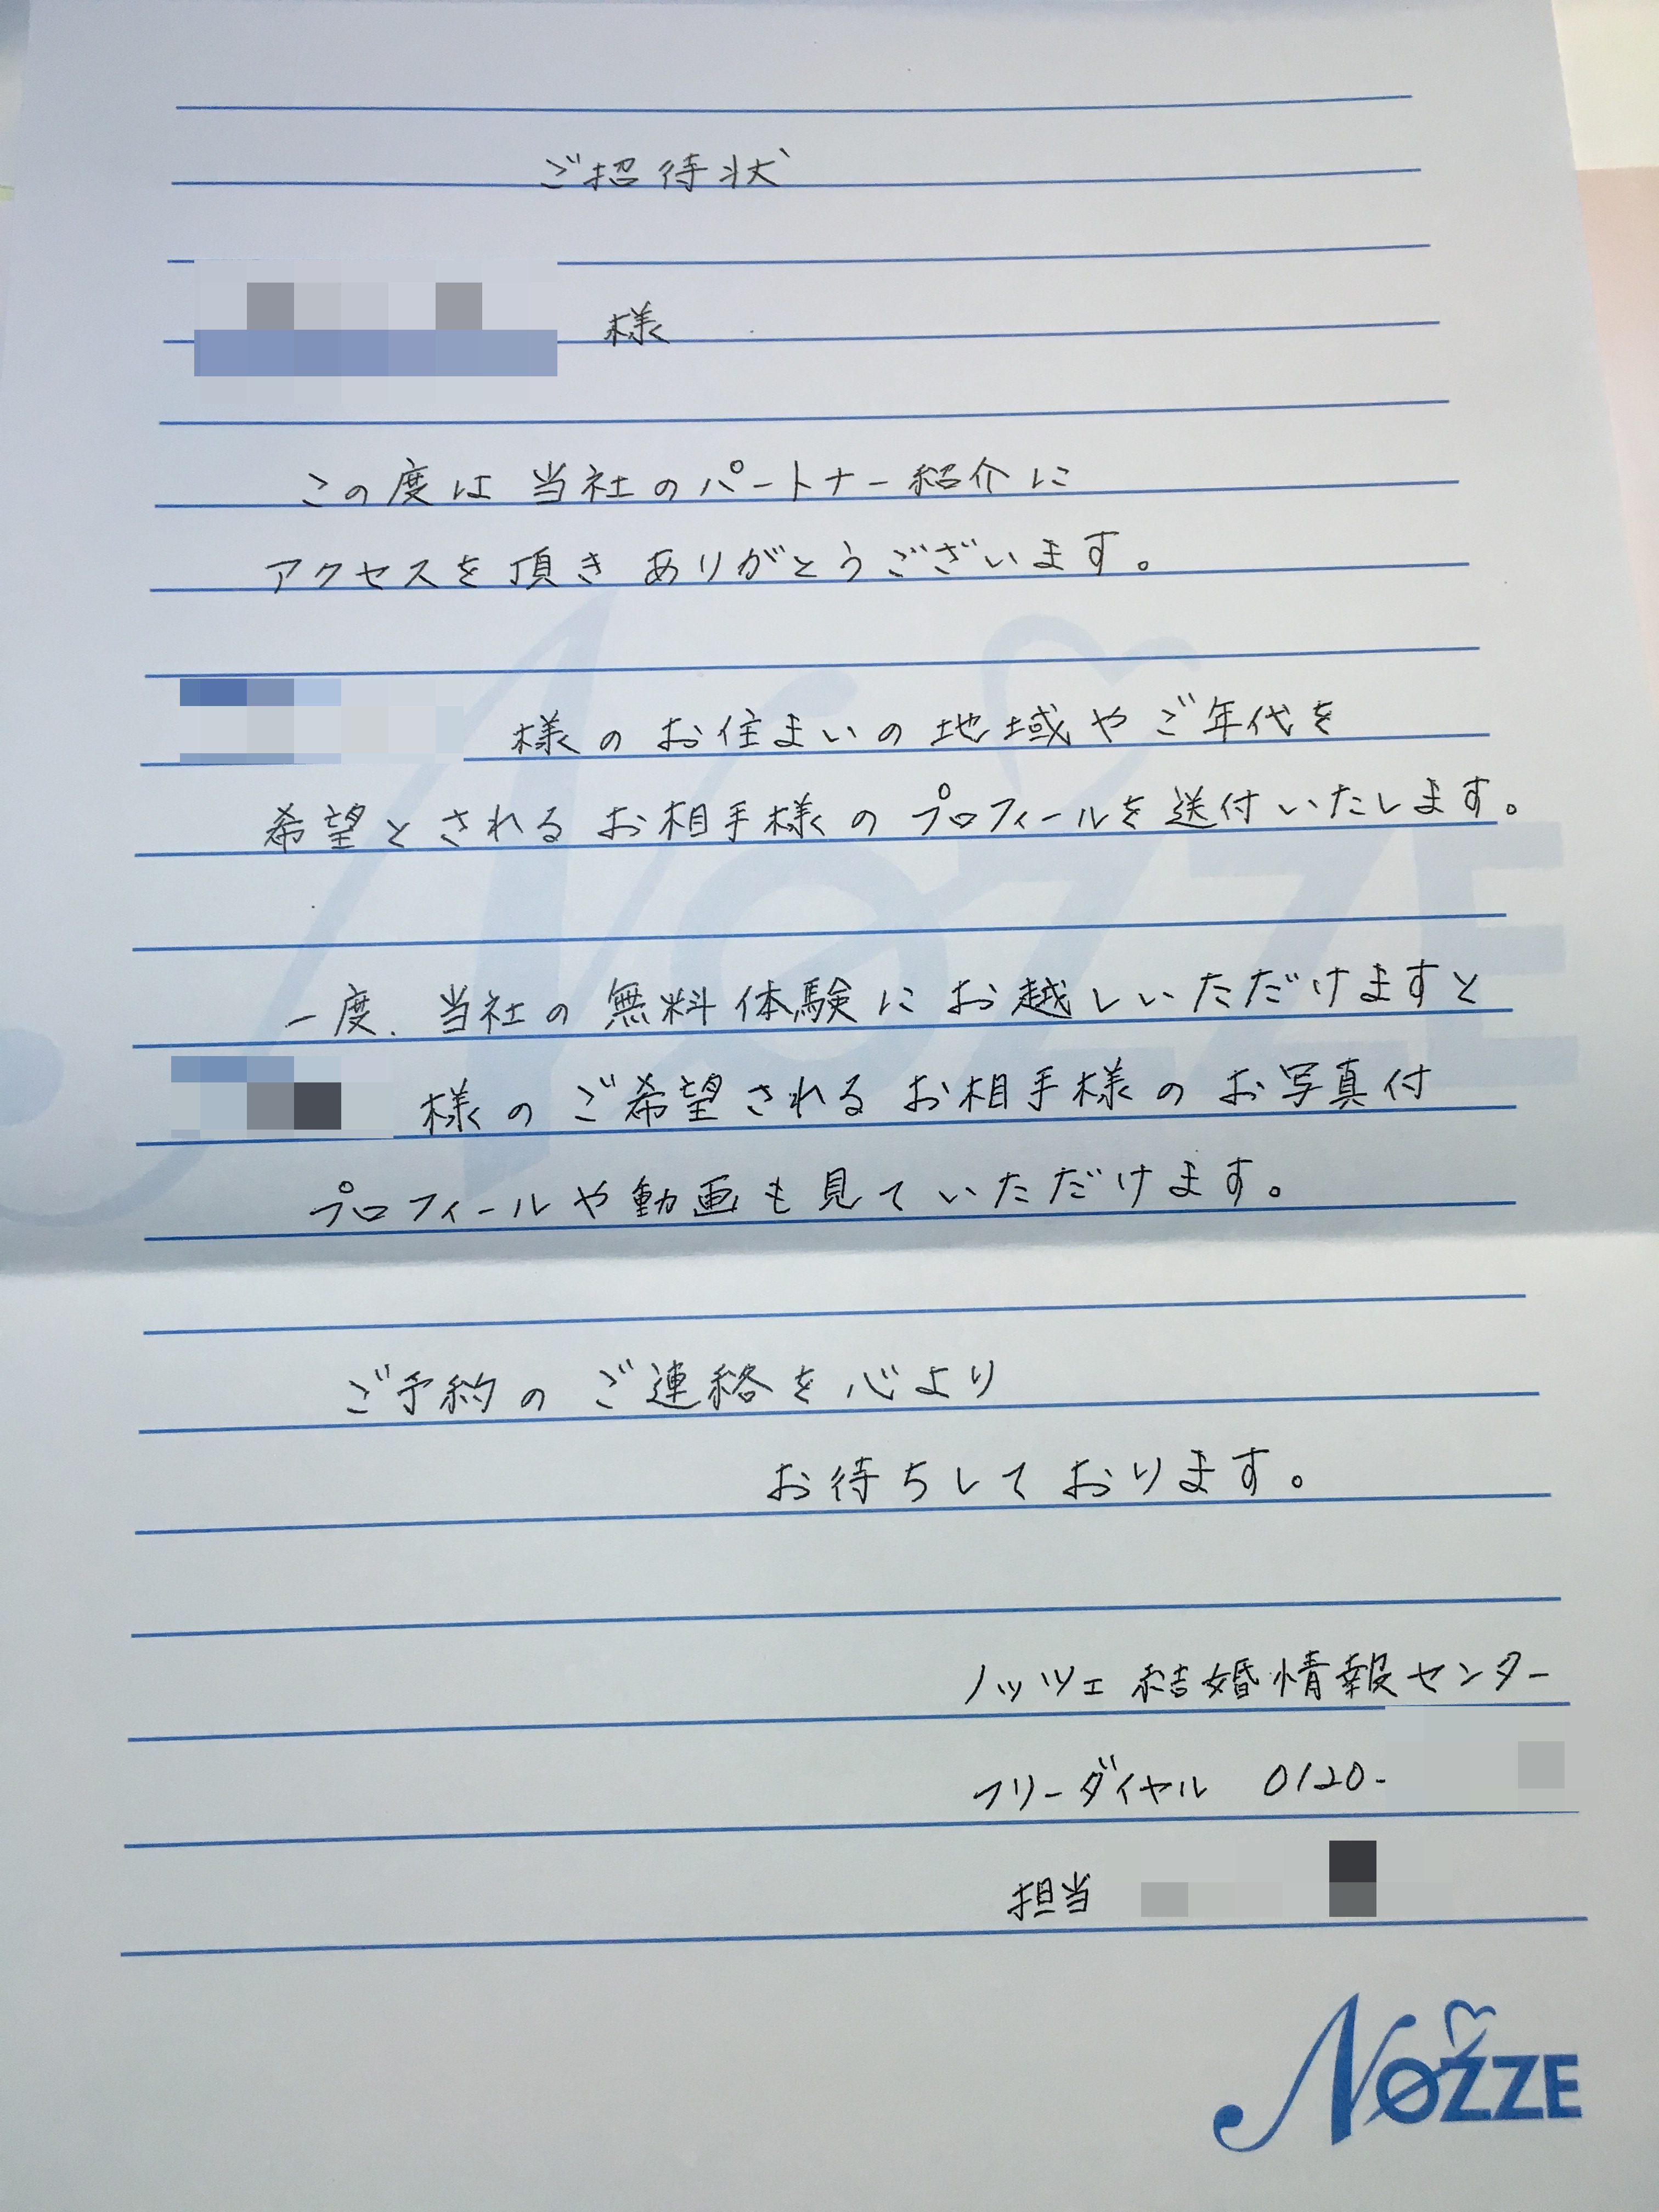 結婚相談所ノッツェからの招待状